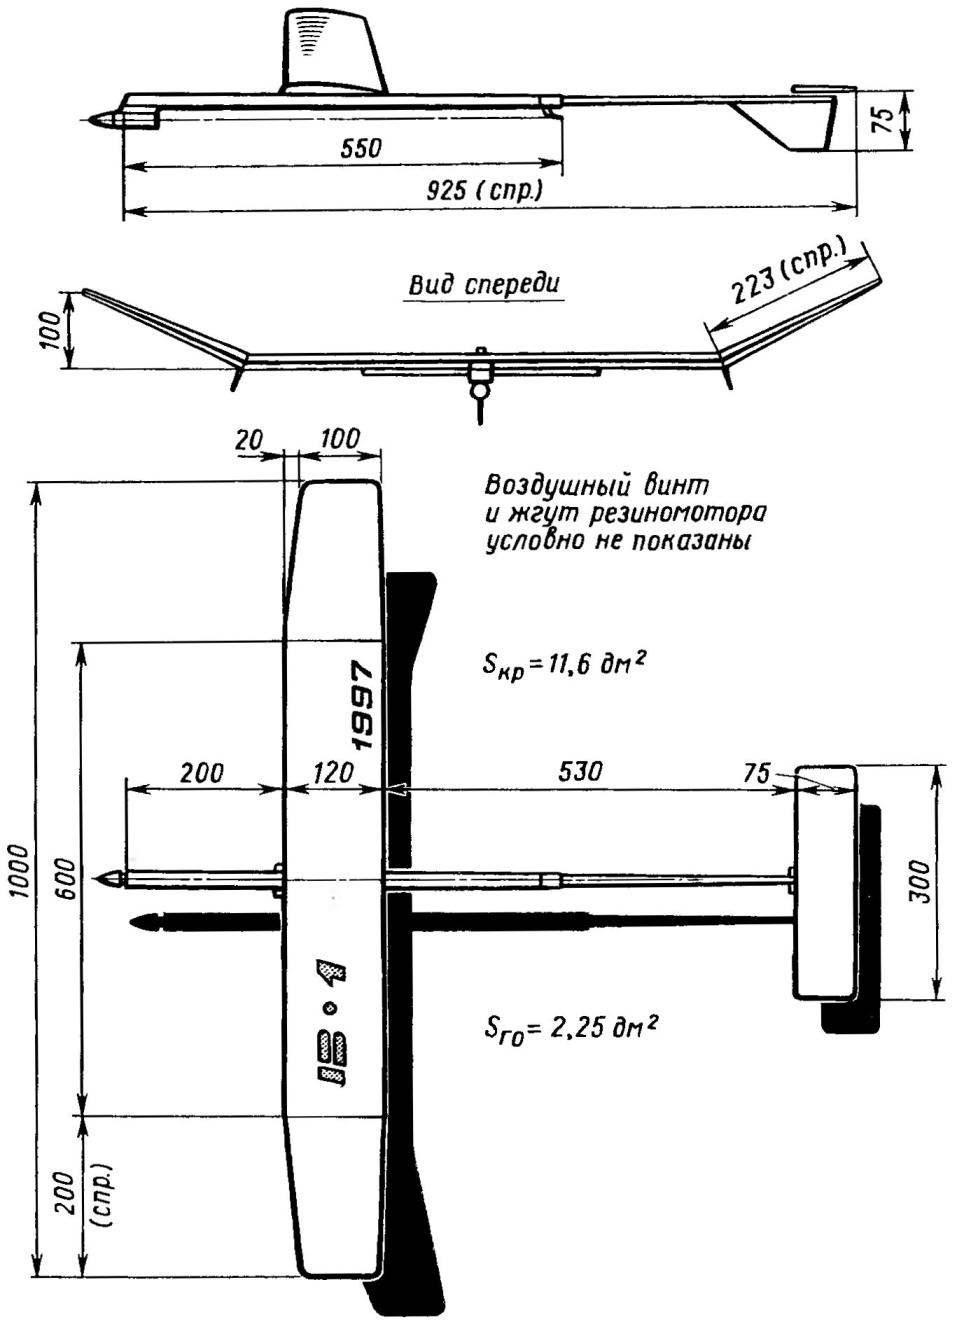 Основные геометрические параметры свободнолетающей модели с резиномотором класса В1